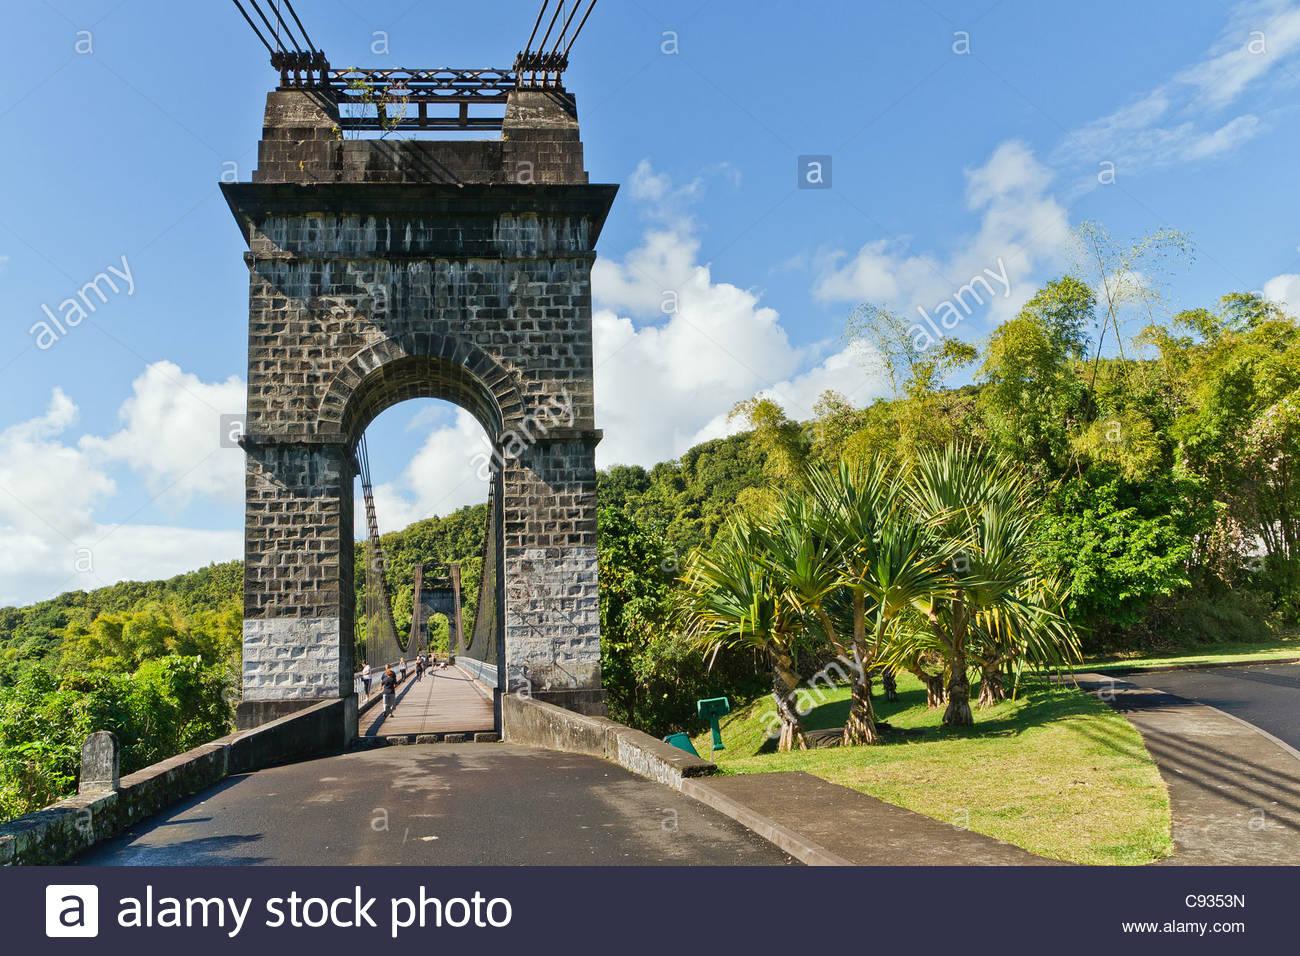 Isola di Reunion : sospensione storico denominato ponte Pont des Anglais Immagini Stock